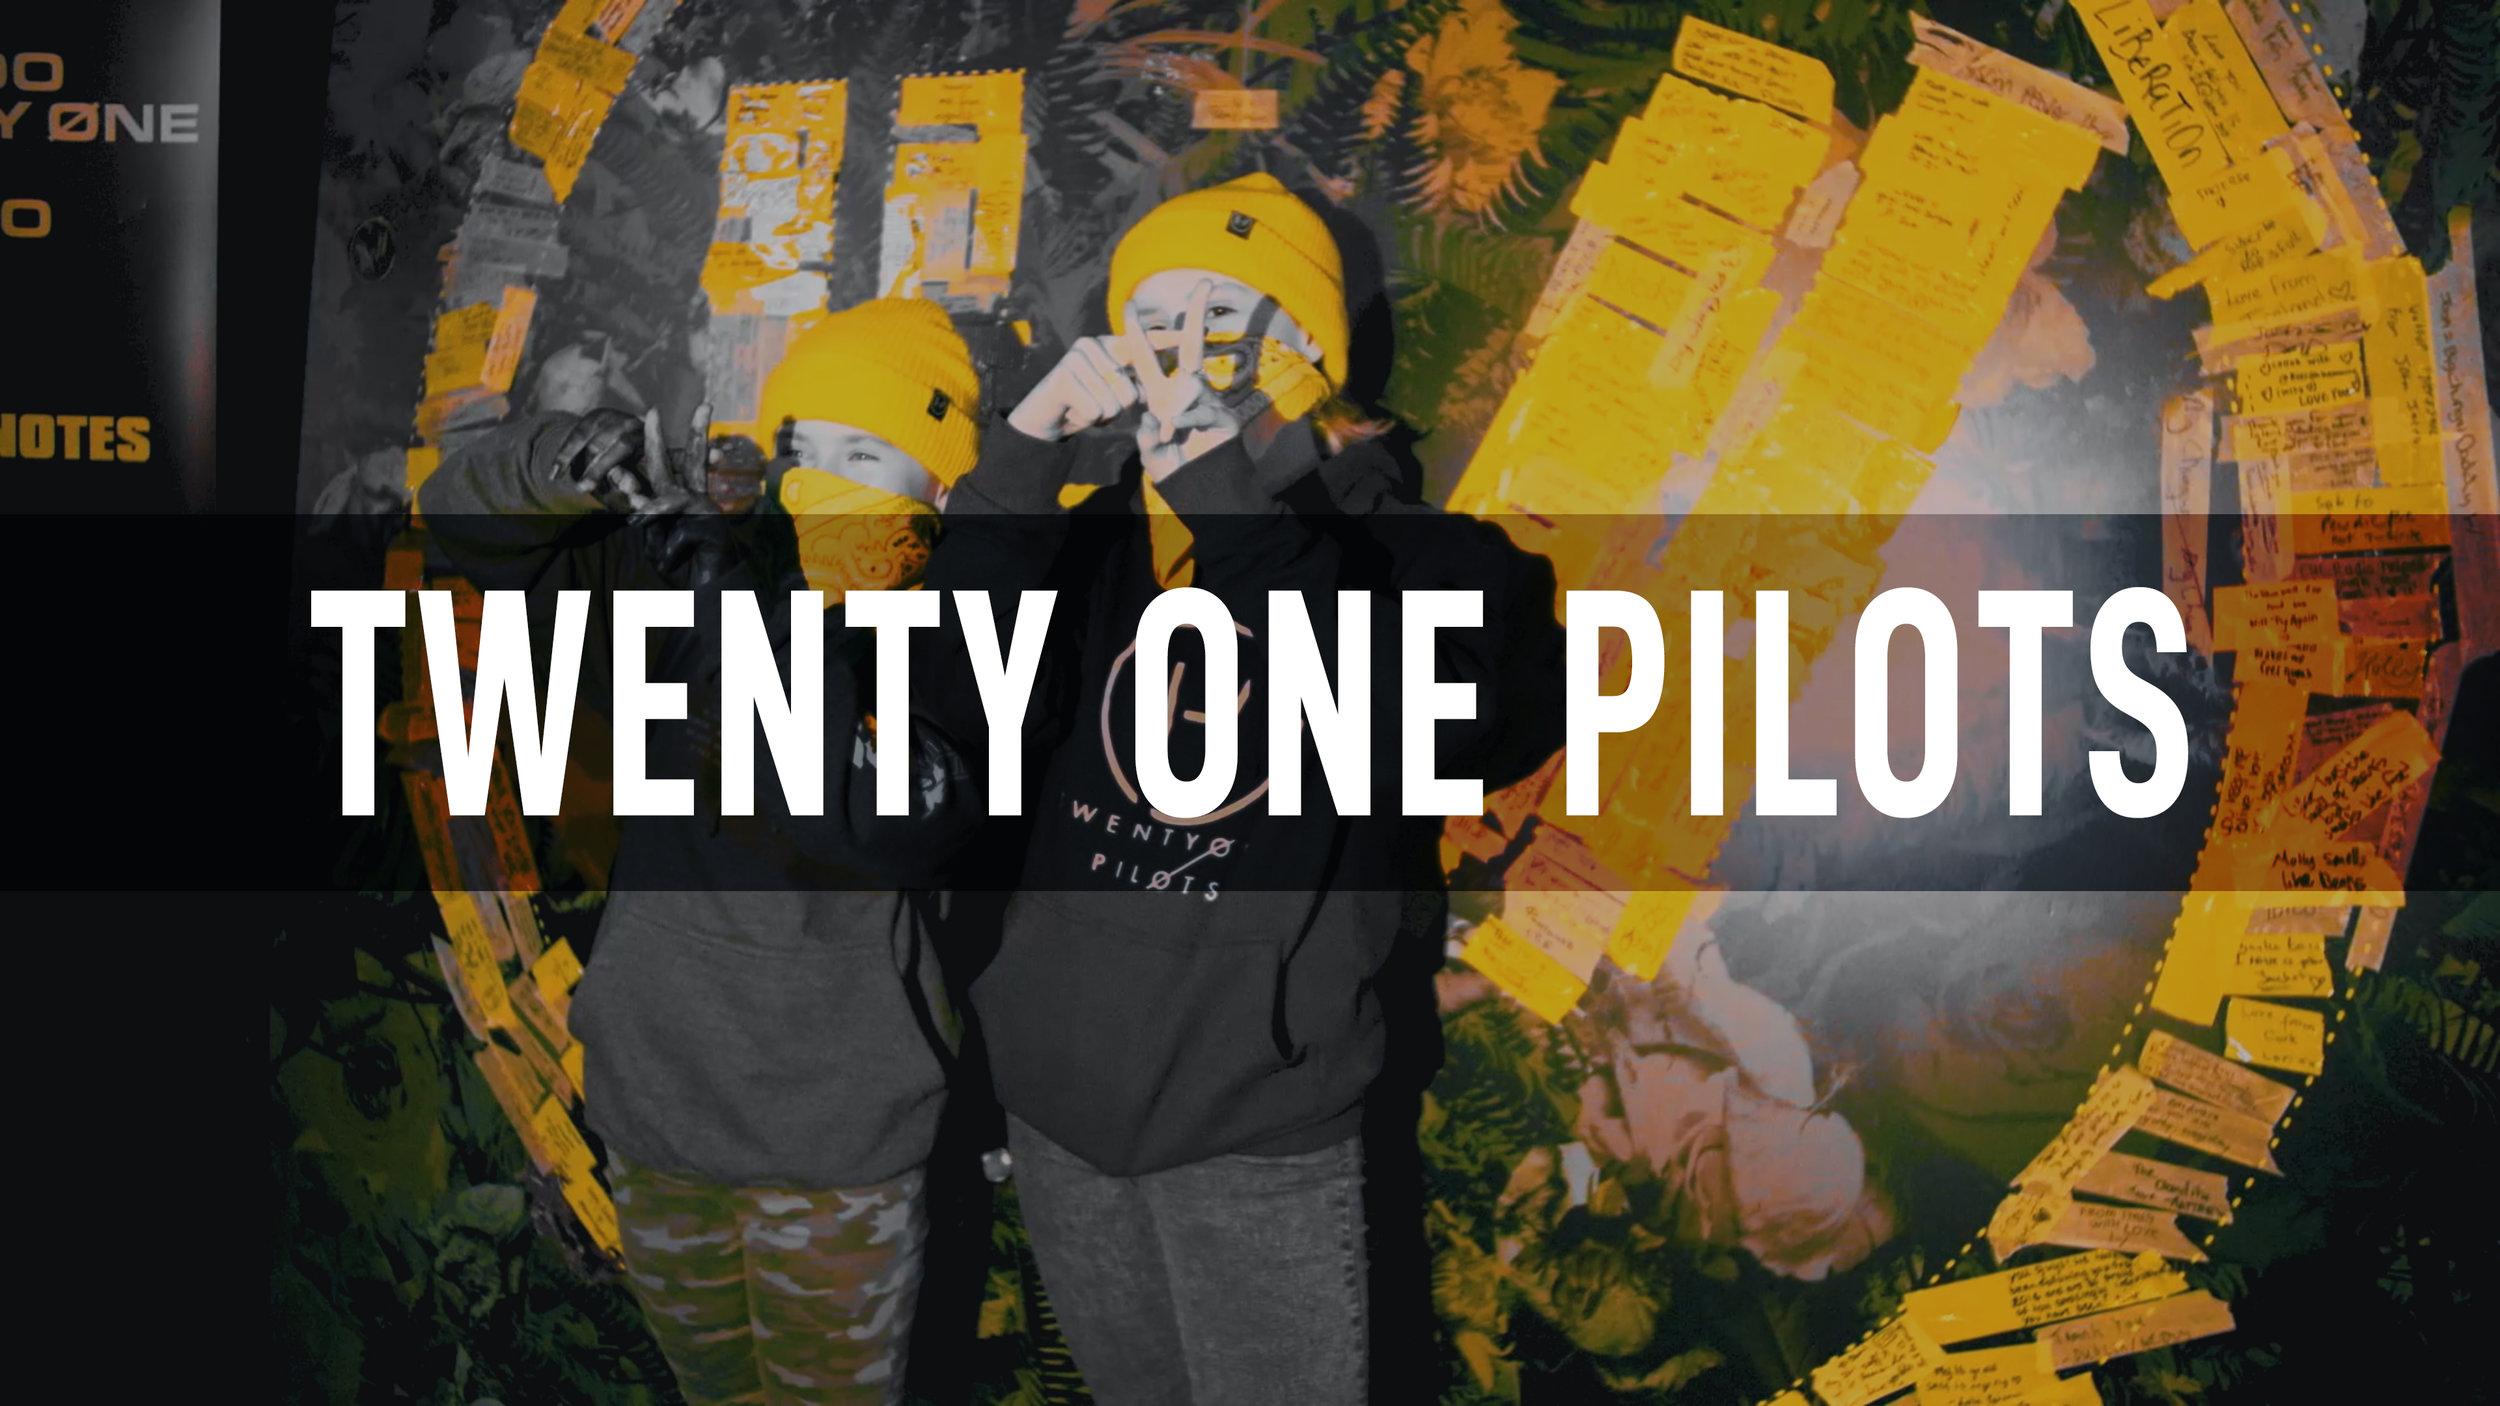 Twenty One Pilots TRENCHNOTES 2019